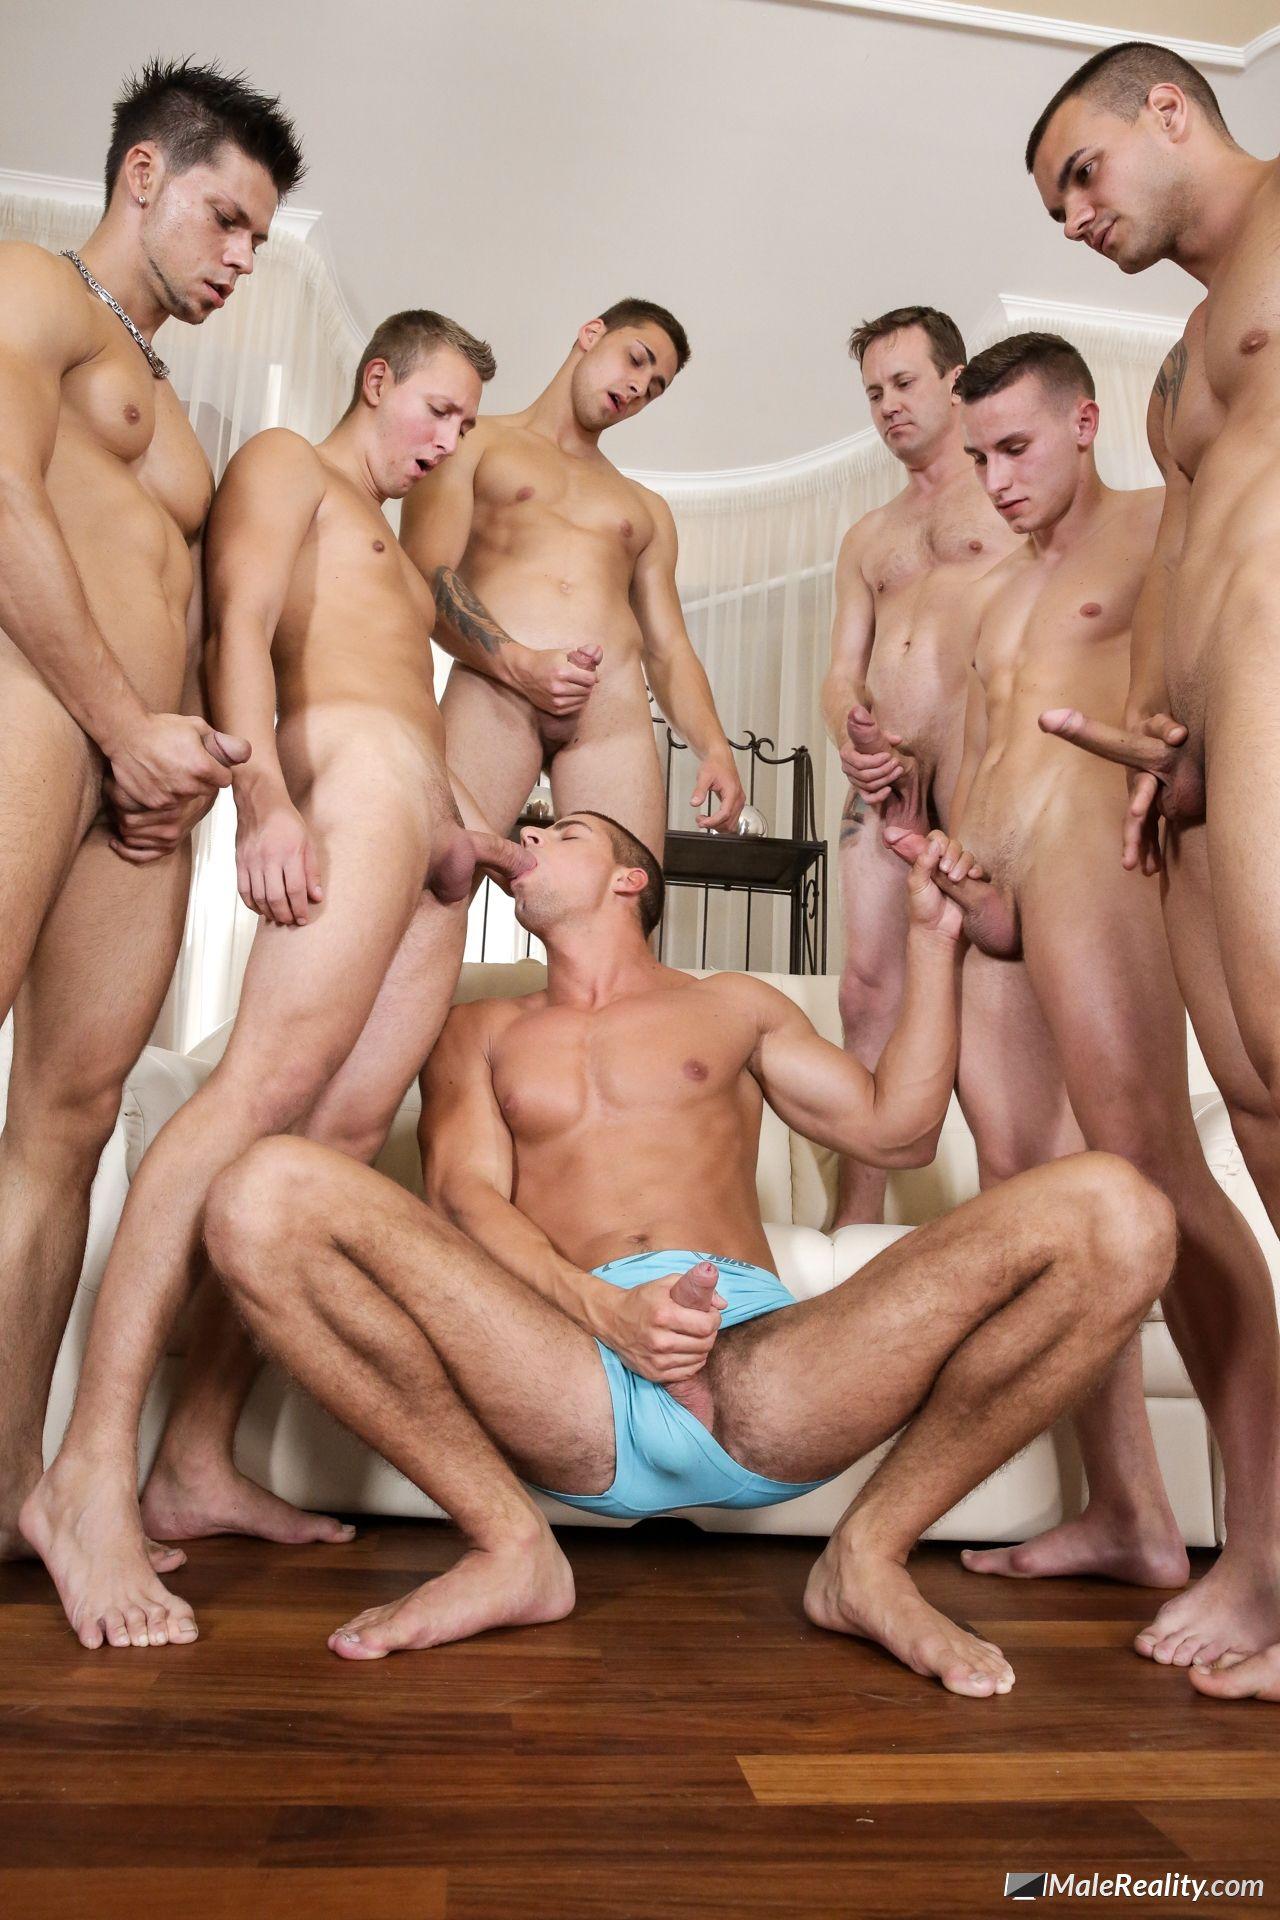 Arny Donan Orgy Gay Porn arny donan gets gang banged